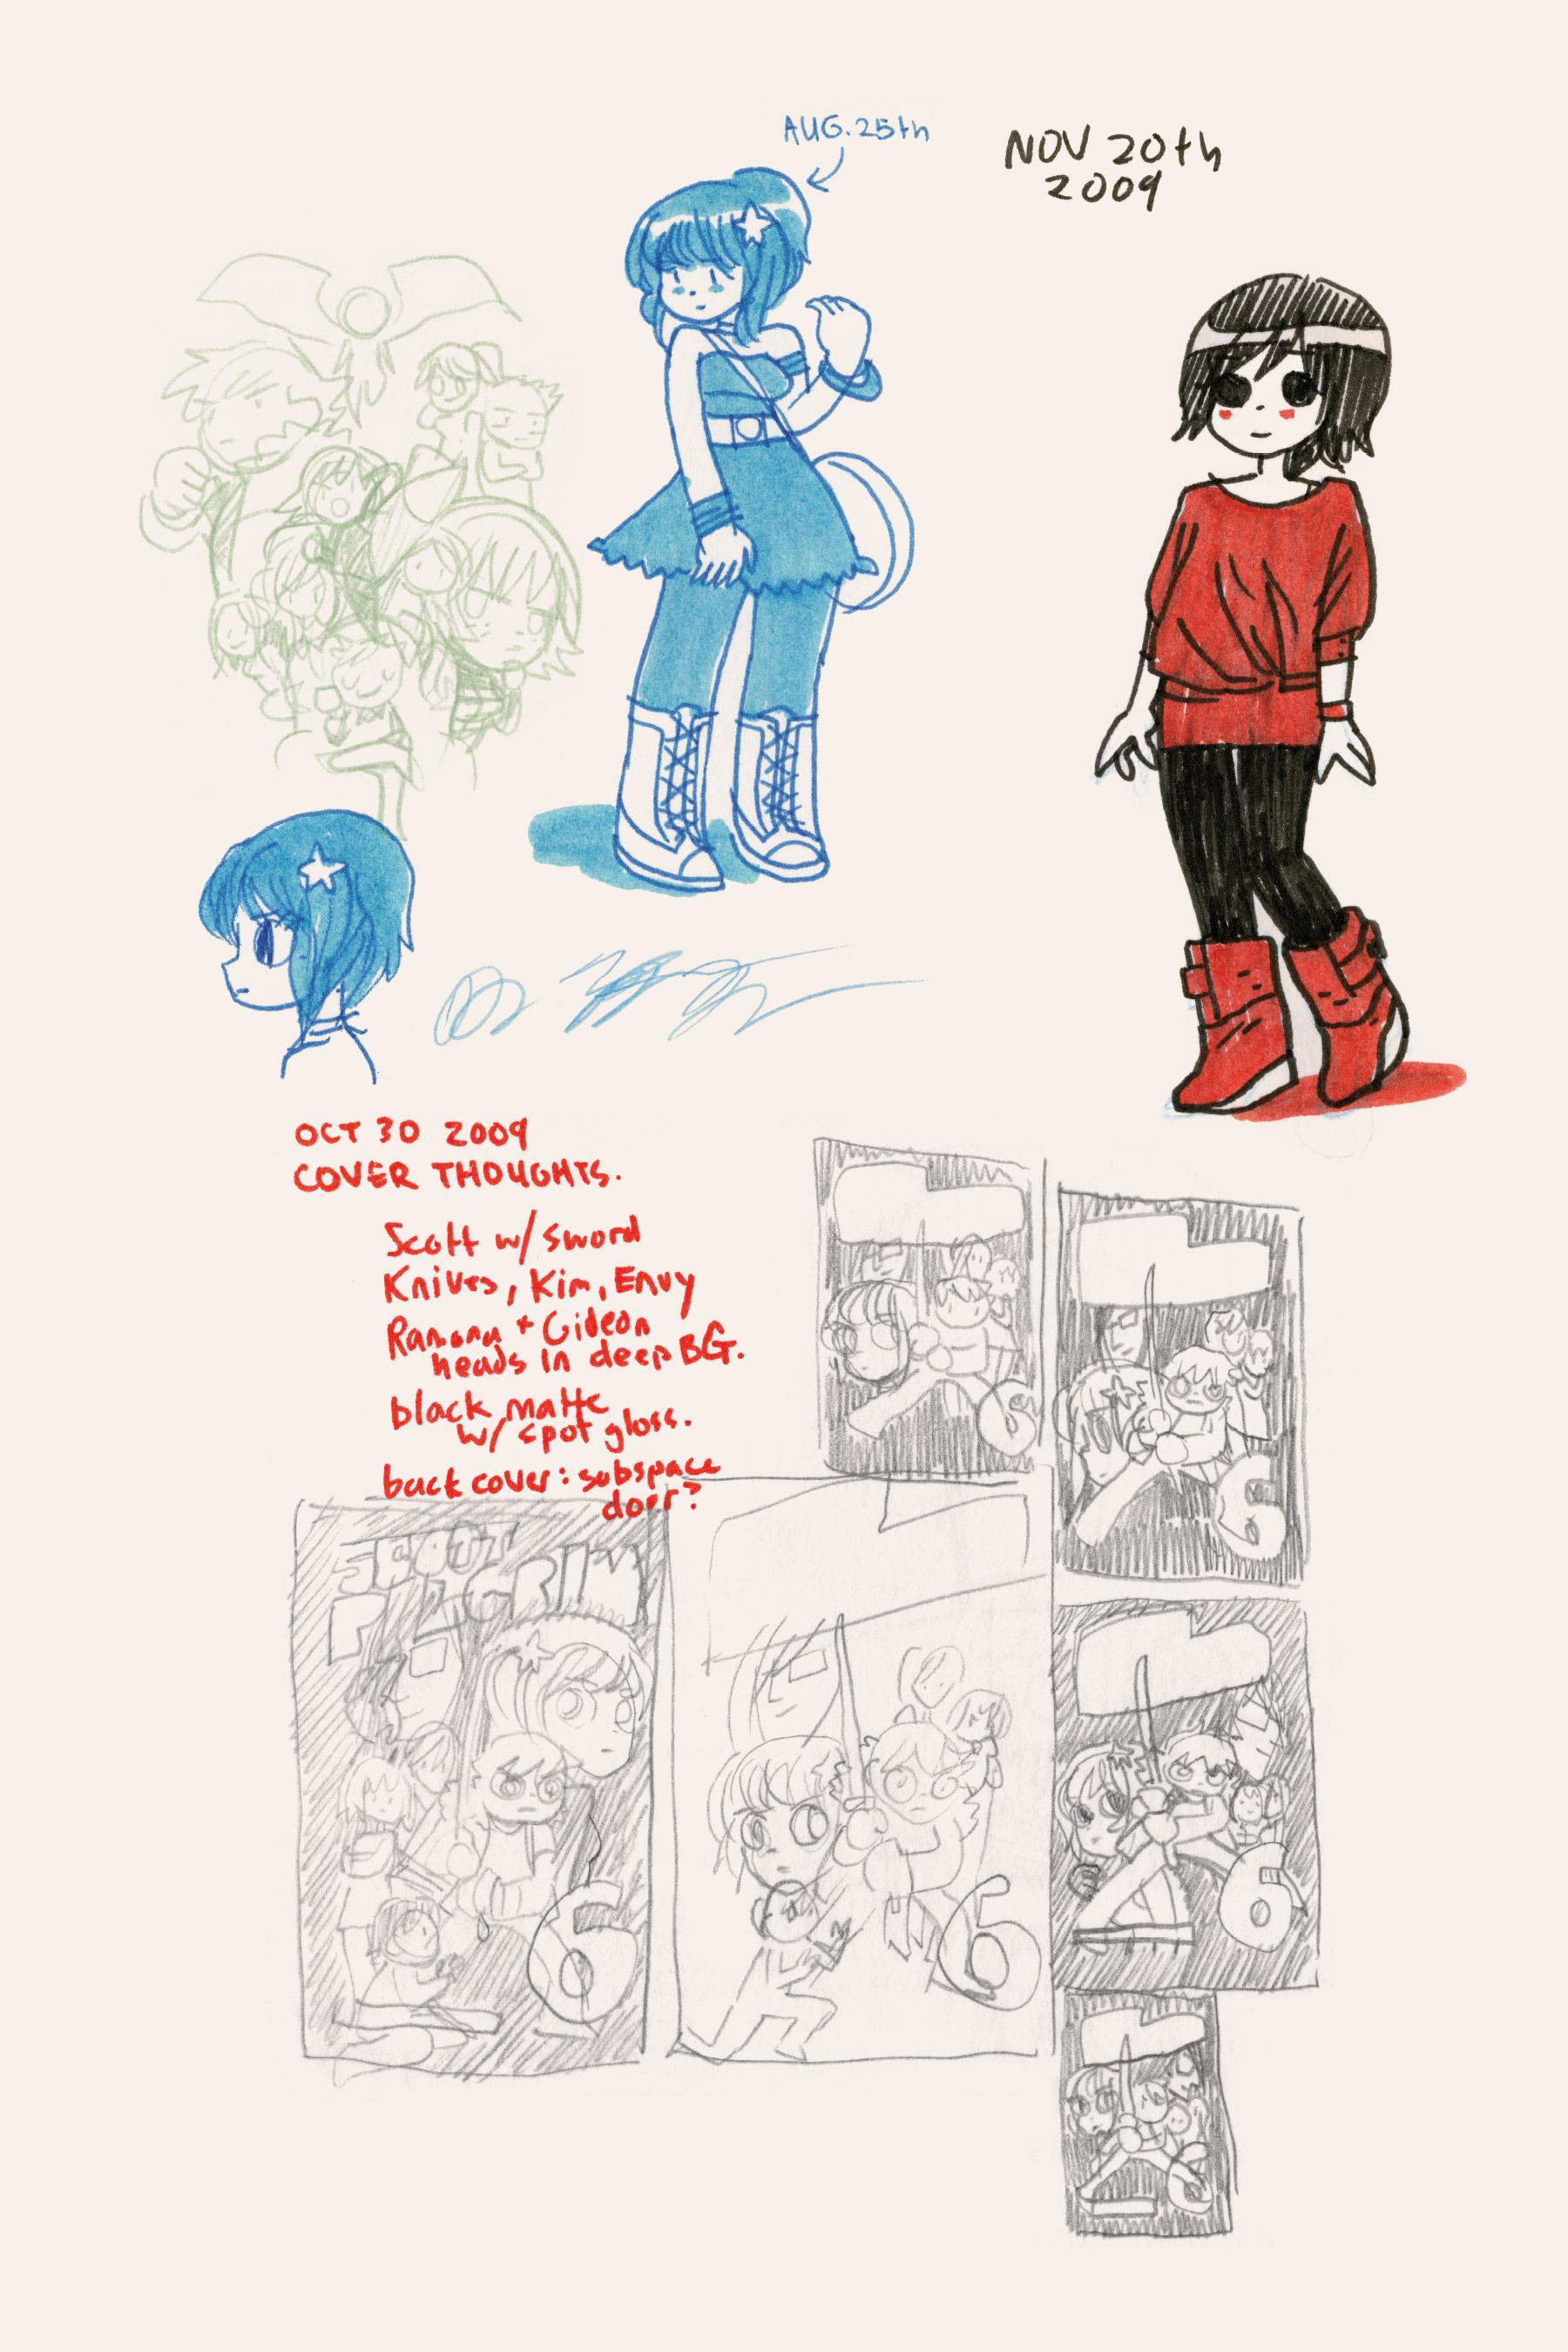 Read online Scott Pilgrim comic -  Issue #6 - 259